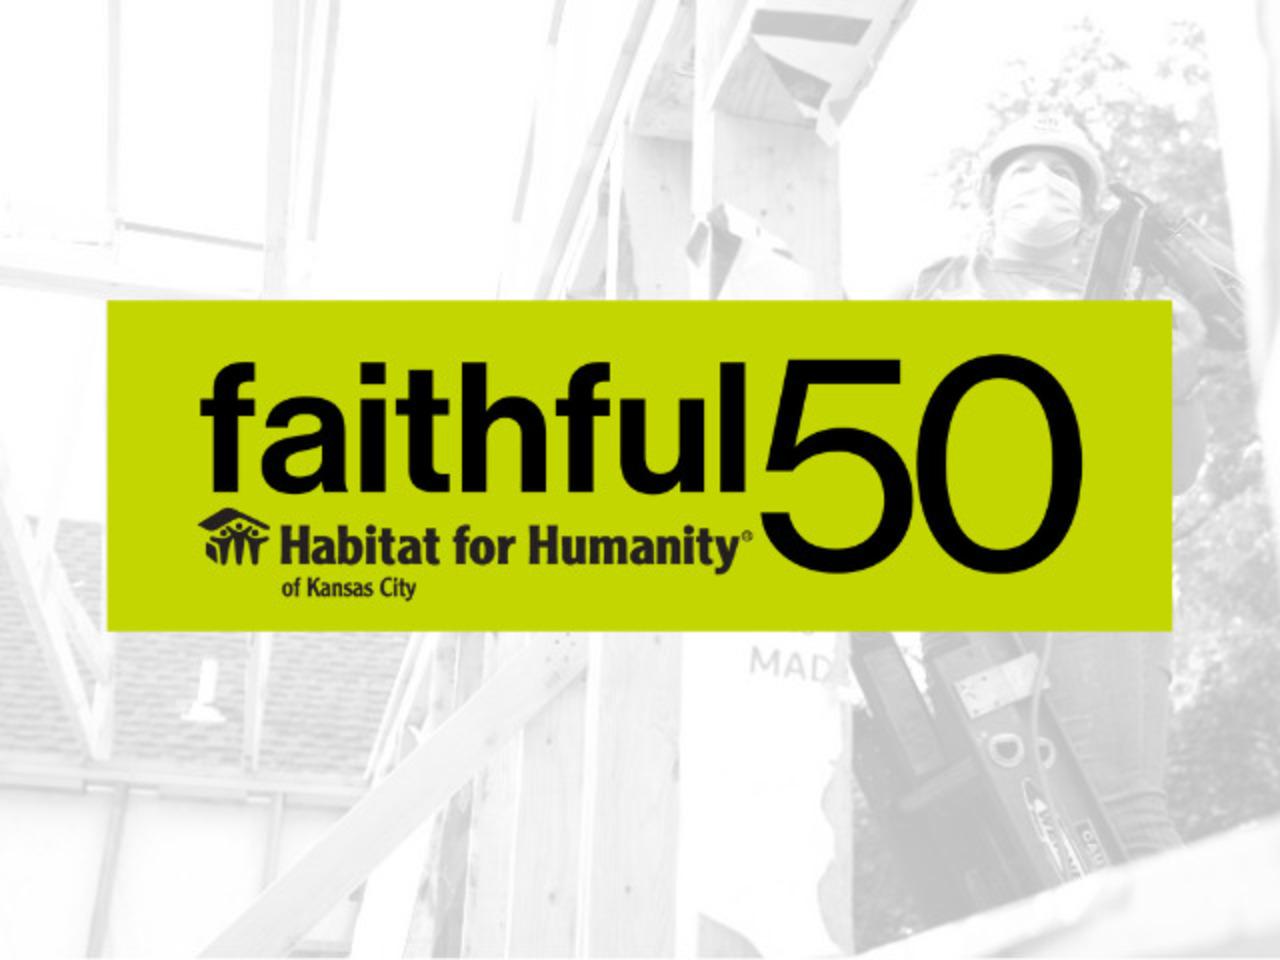 Faithful Fifty